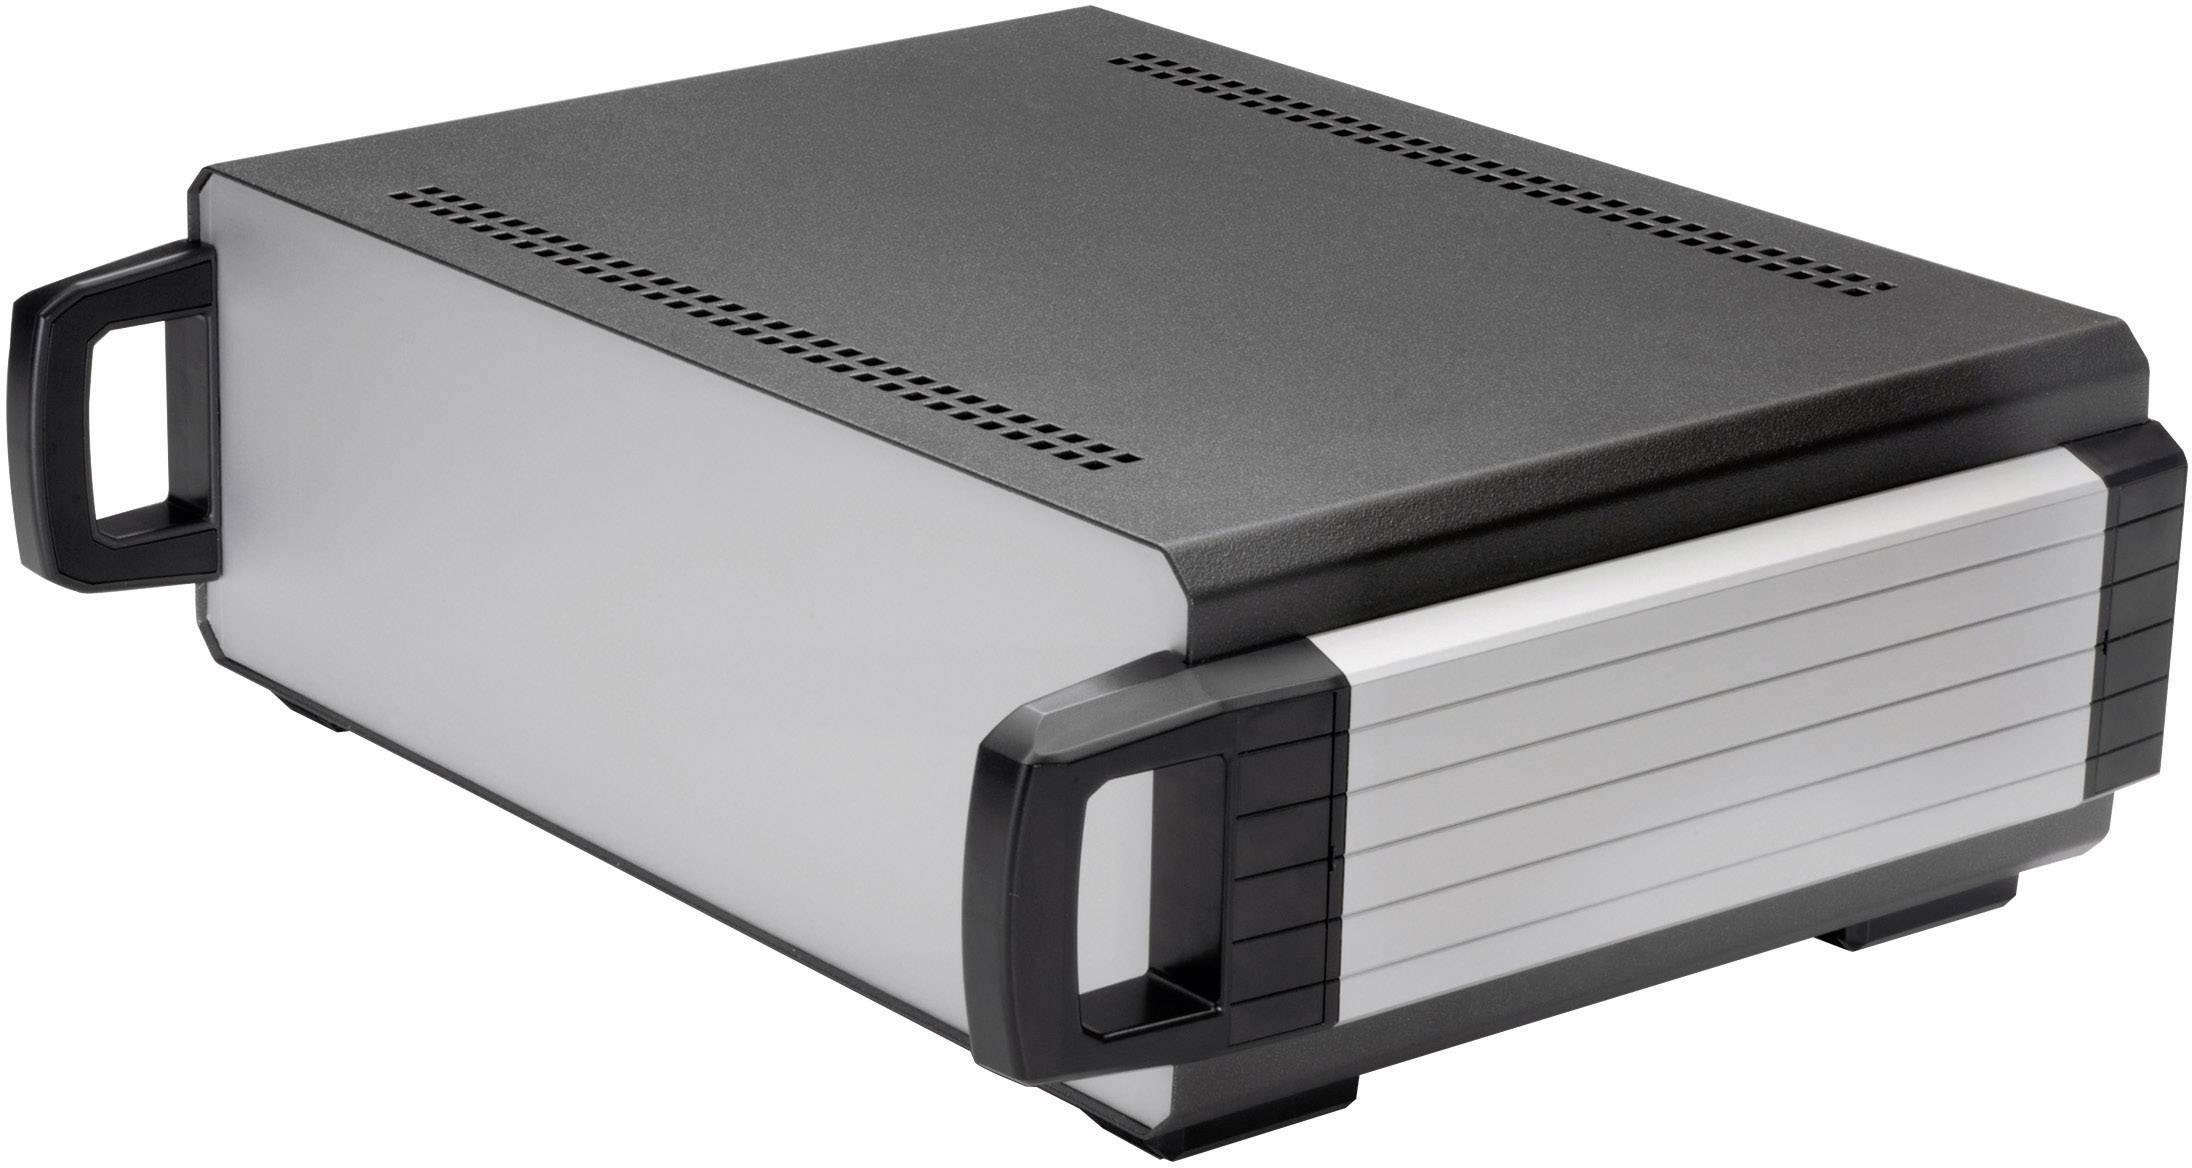 Stolní pouzdro hliníkové Axxatronic 31110001-CON, (d x š x v) 150 x 140 x 70 mm, antracitová